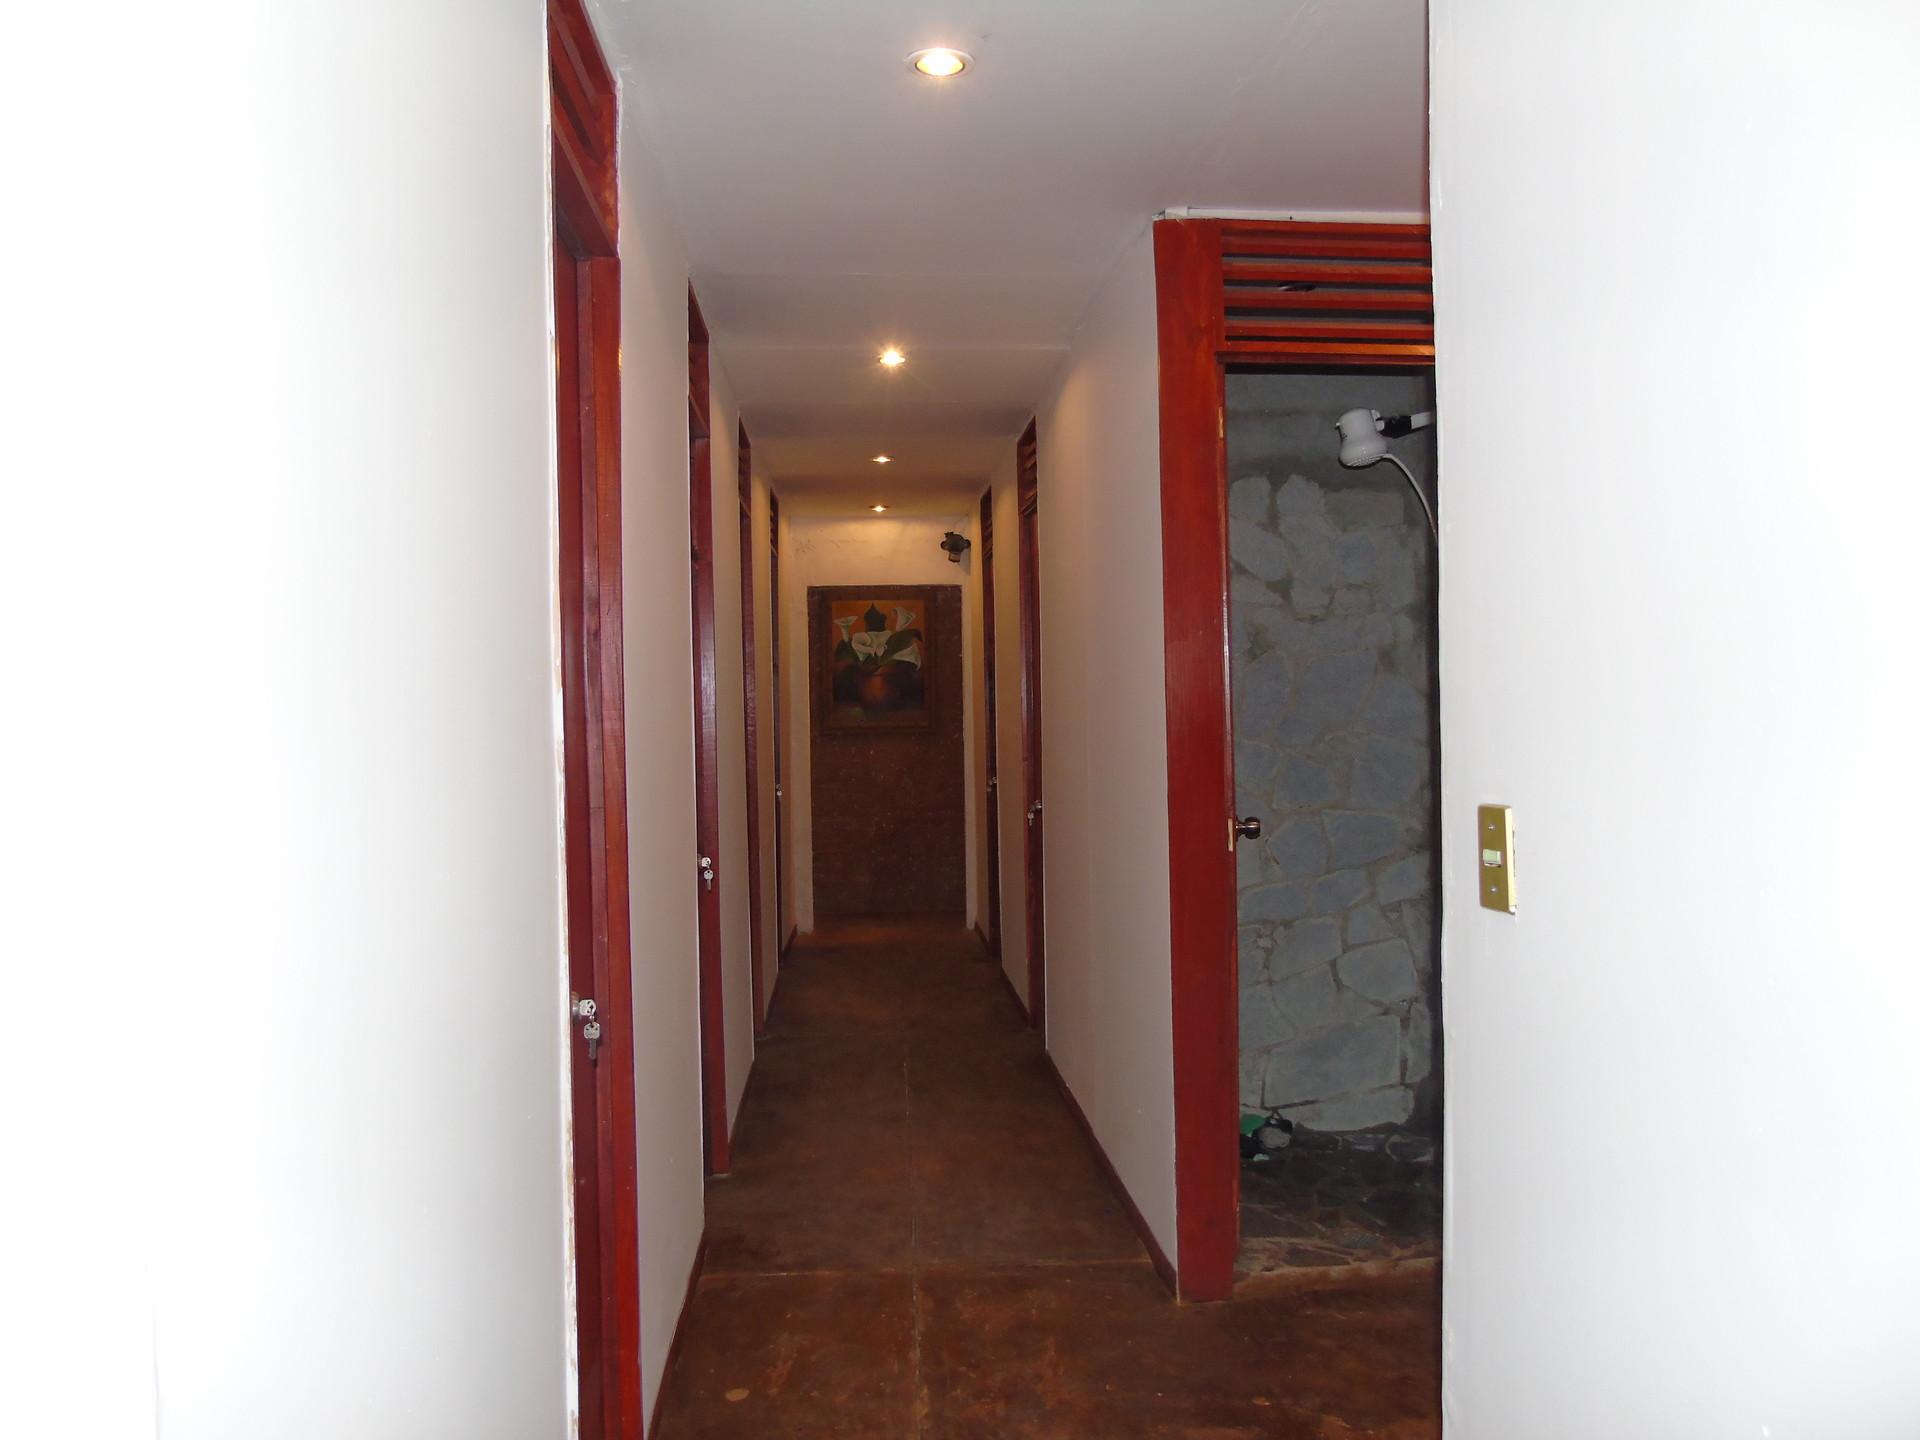 Alquiler de cuartos en Santa fe CDMX | Alquiler habitaciones México ...